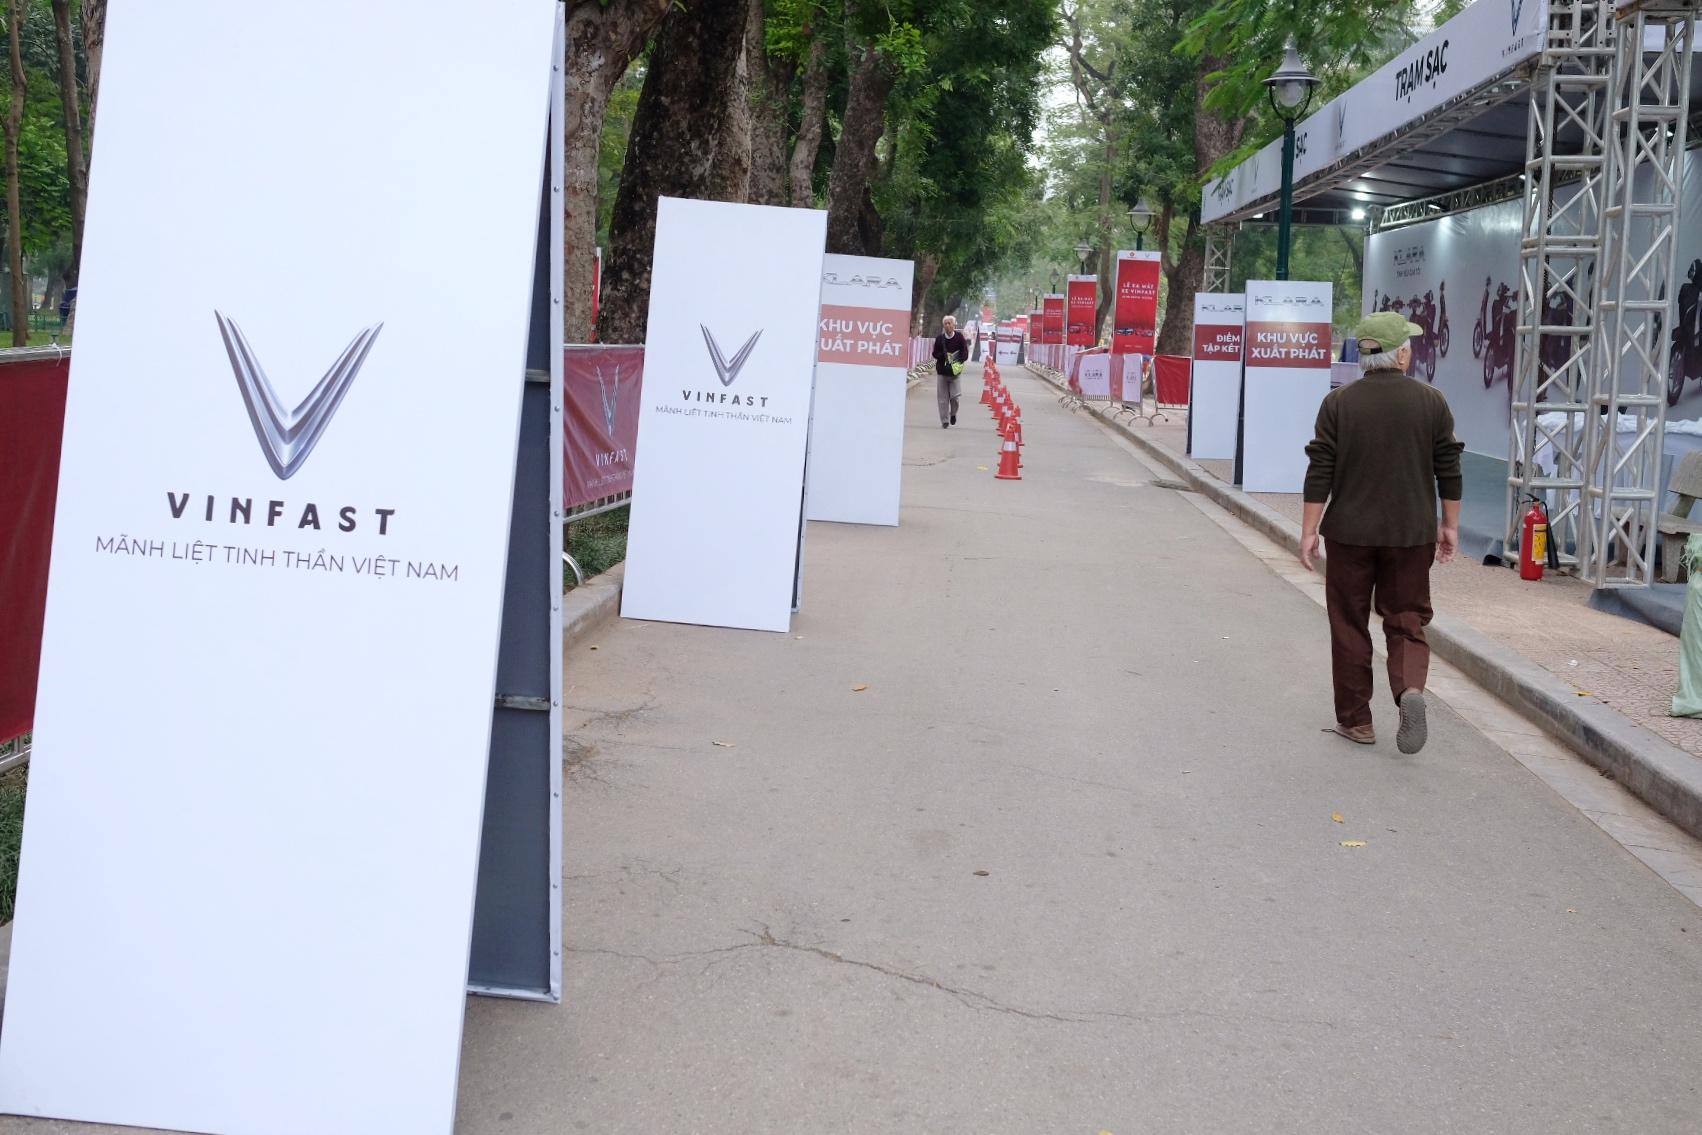 Những hình ảnh mới nhất của ô tô Vinfast chuẩn bị lễ ra mắt tại Hà Nội 8